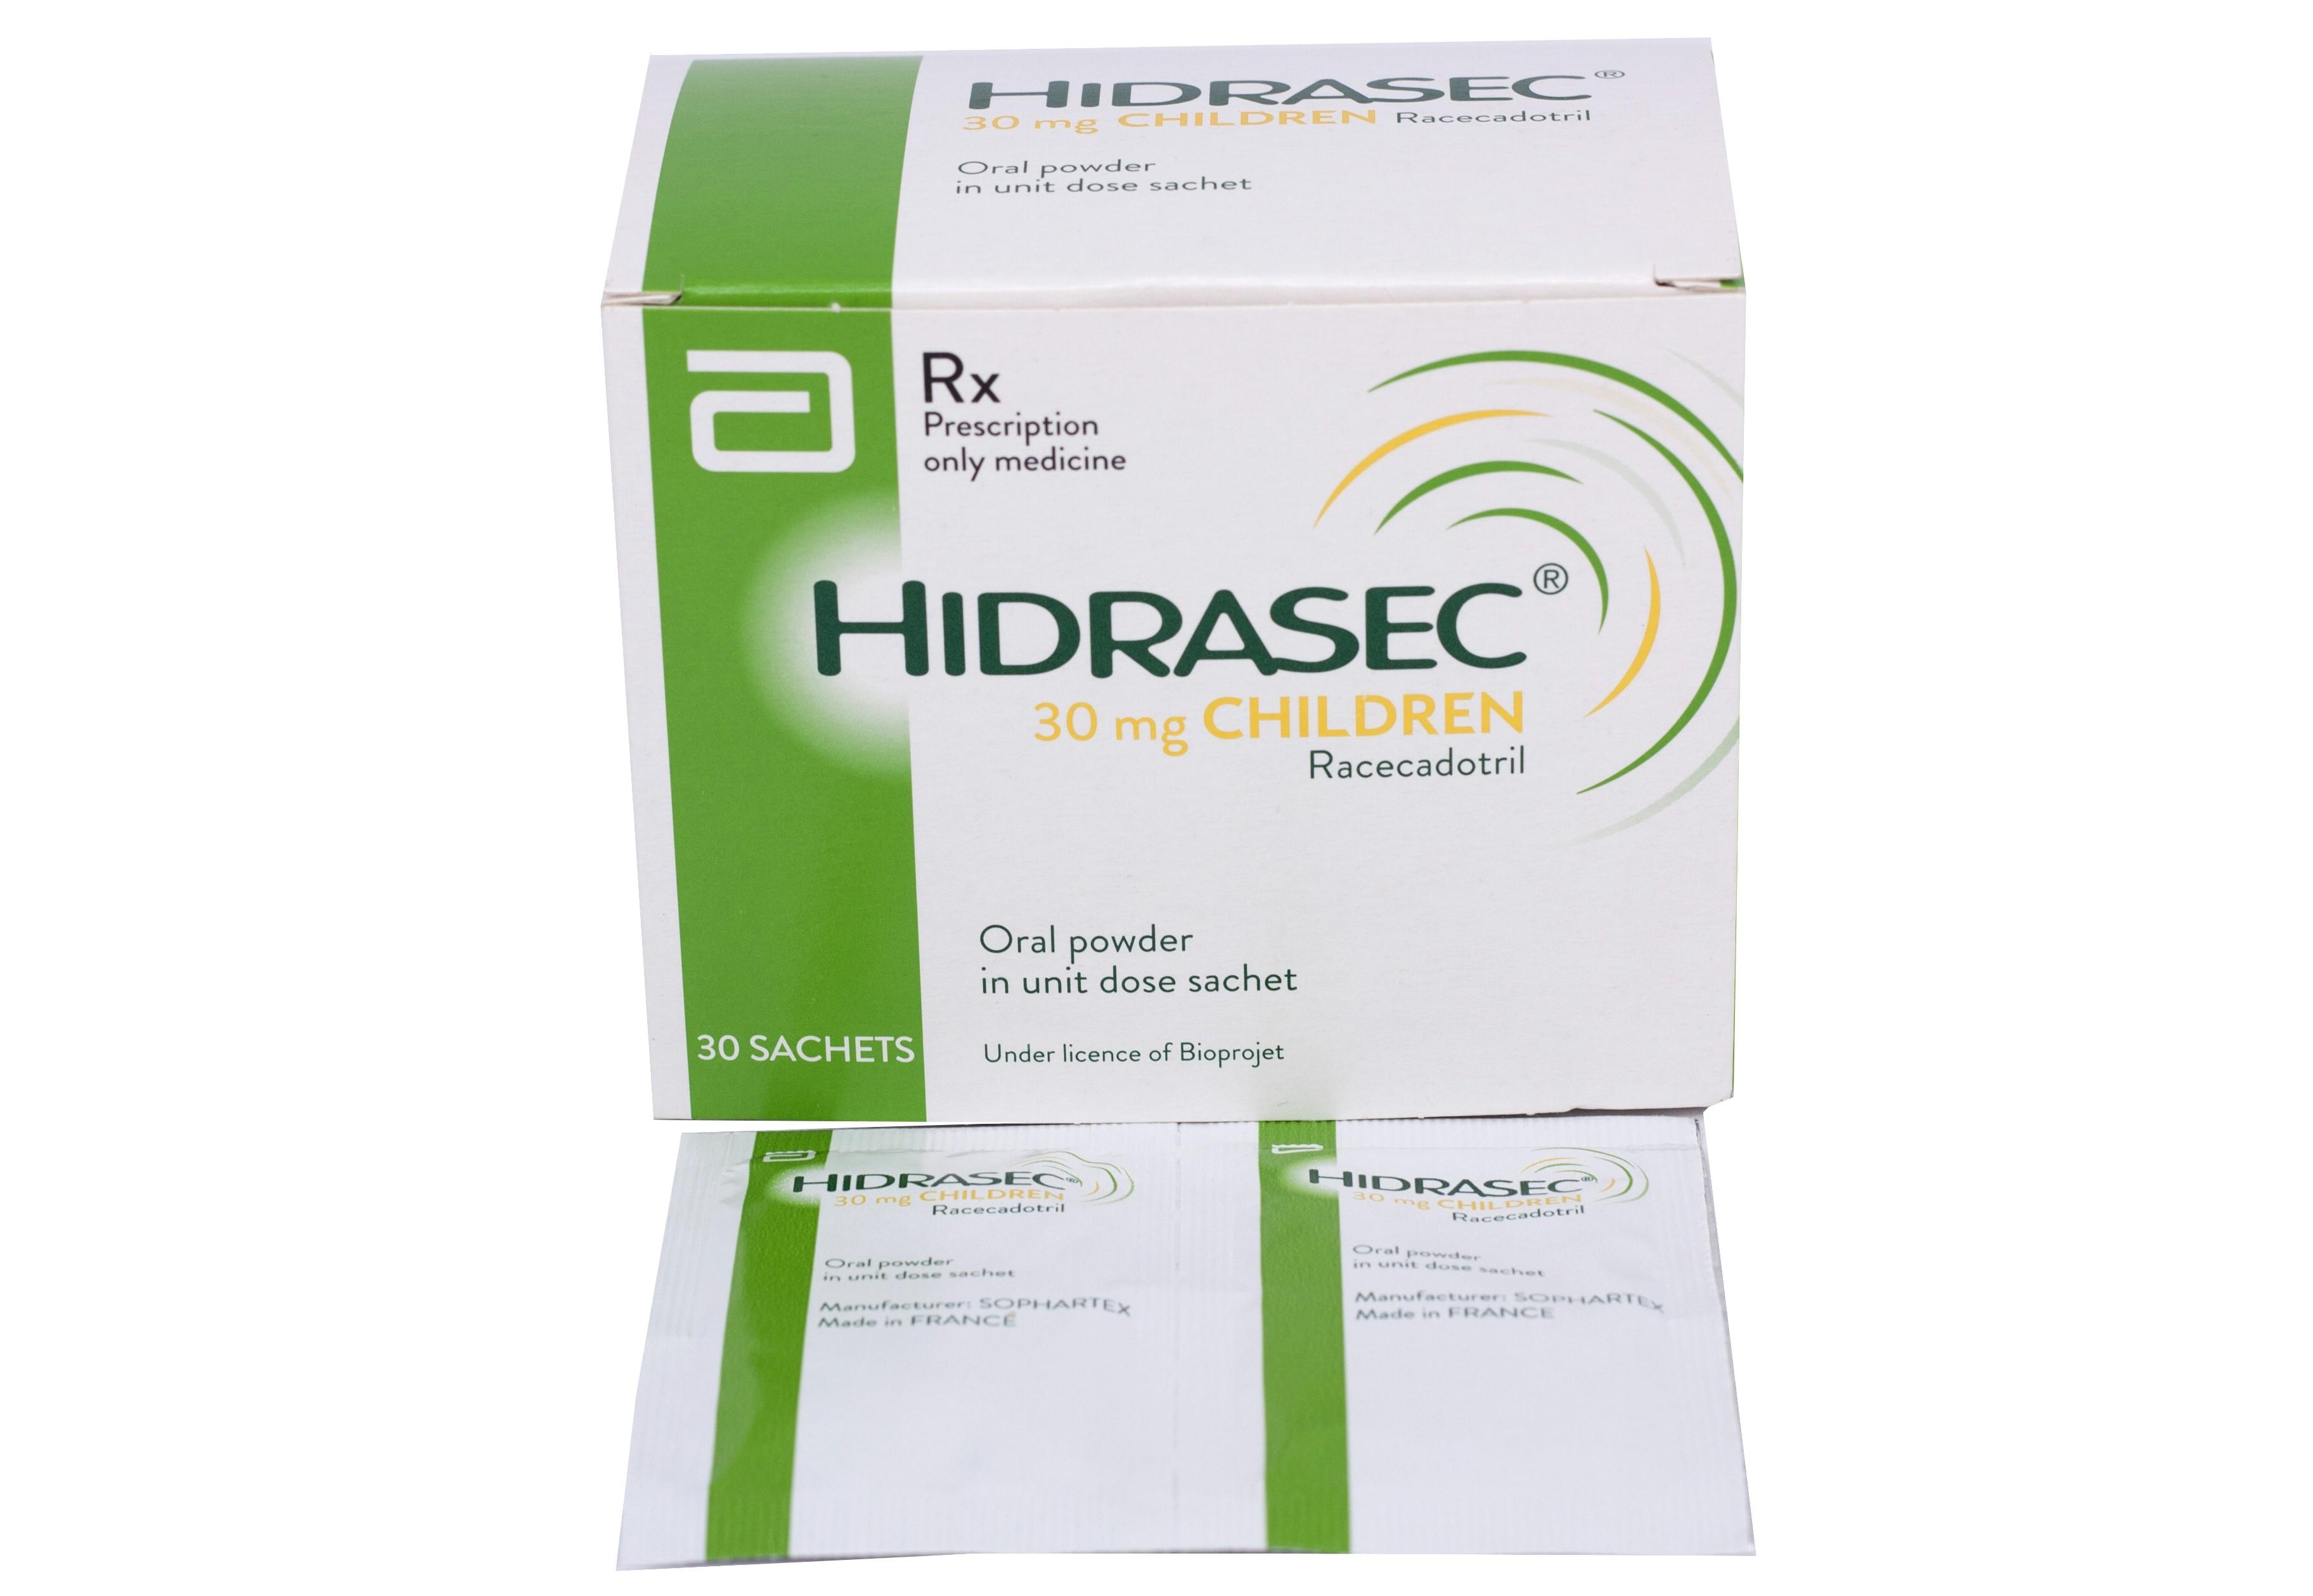 Hidrasec-30mg